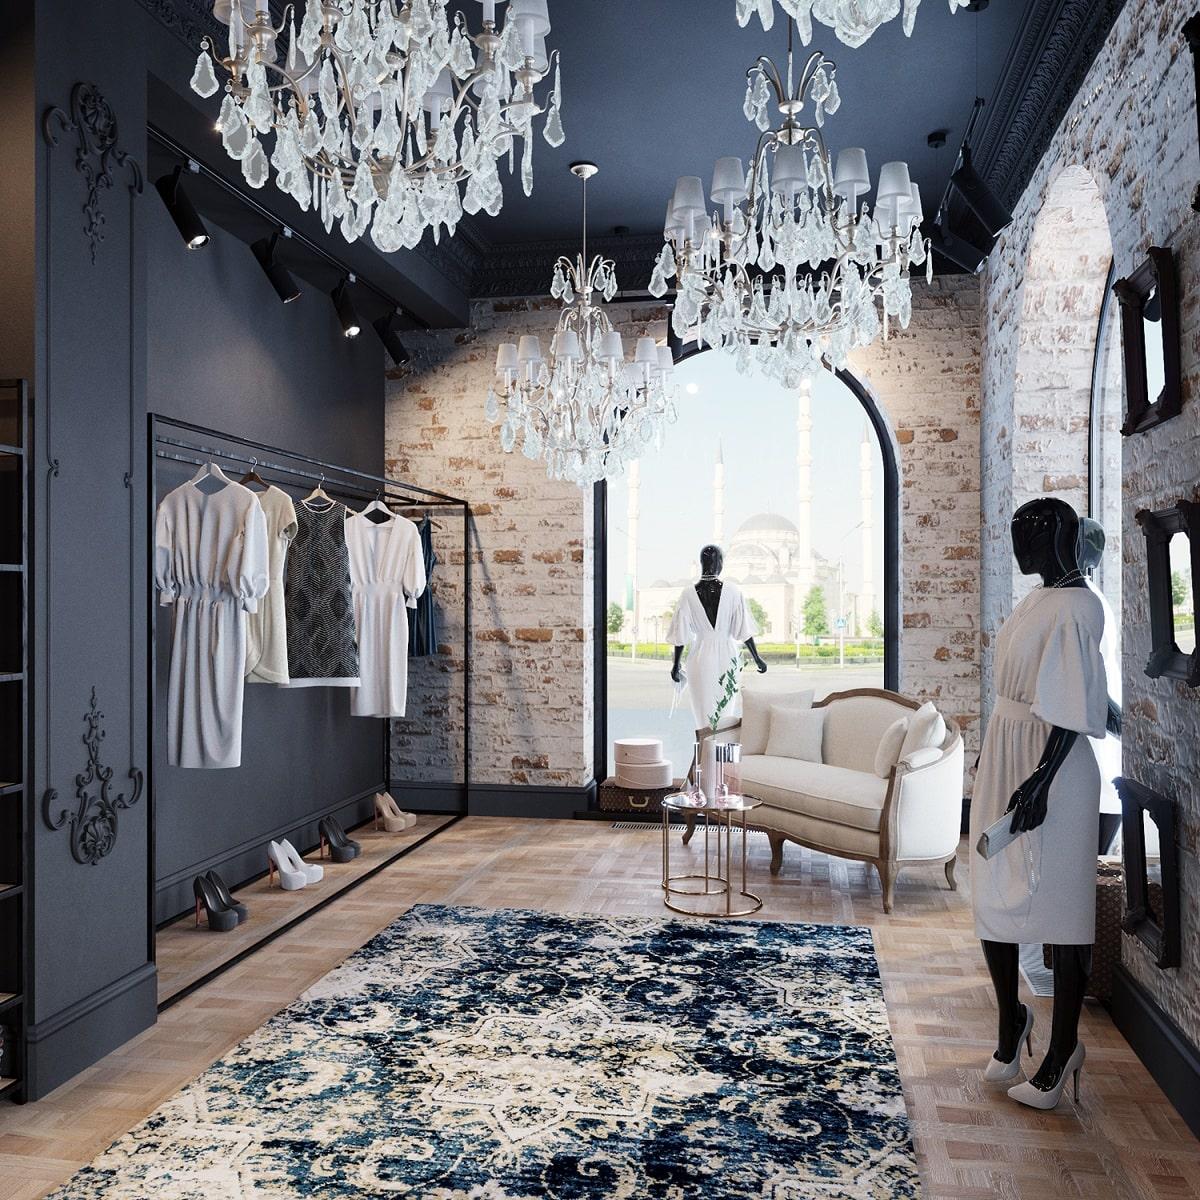 Thiết Kế Nội Thất Showroom Đẹp, Phong Cách